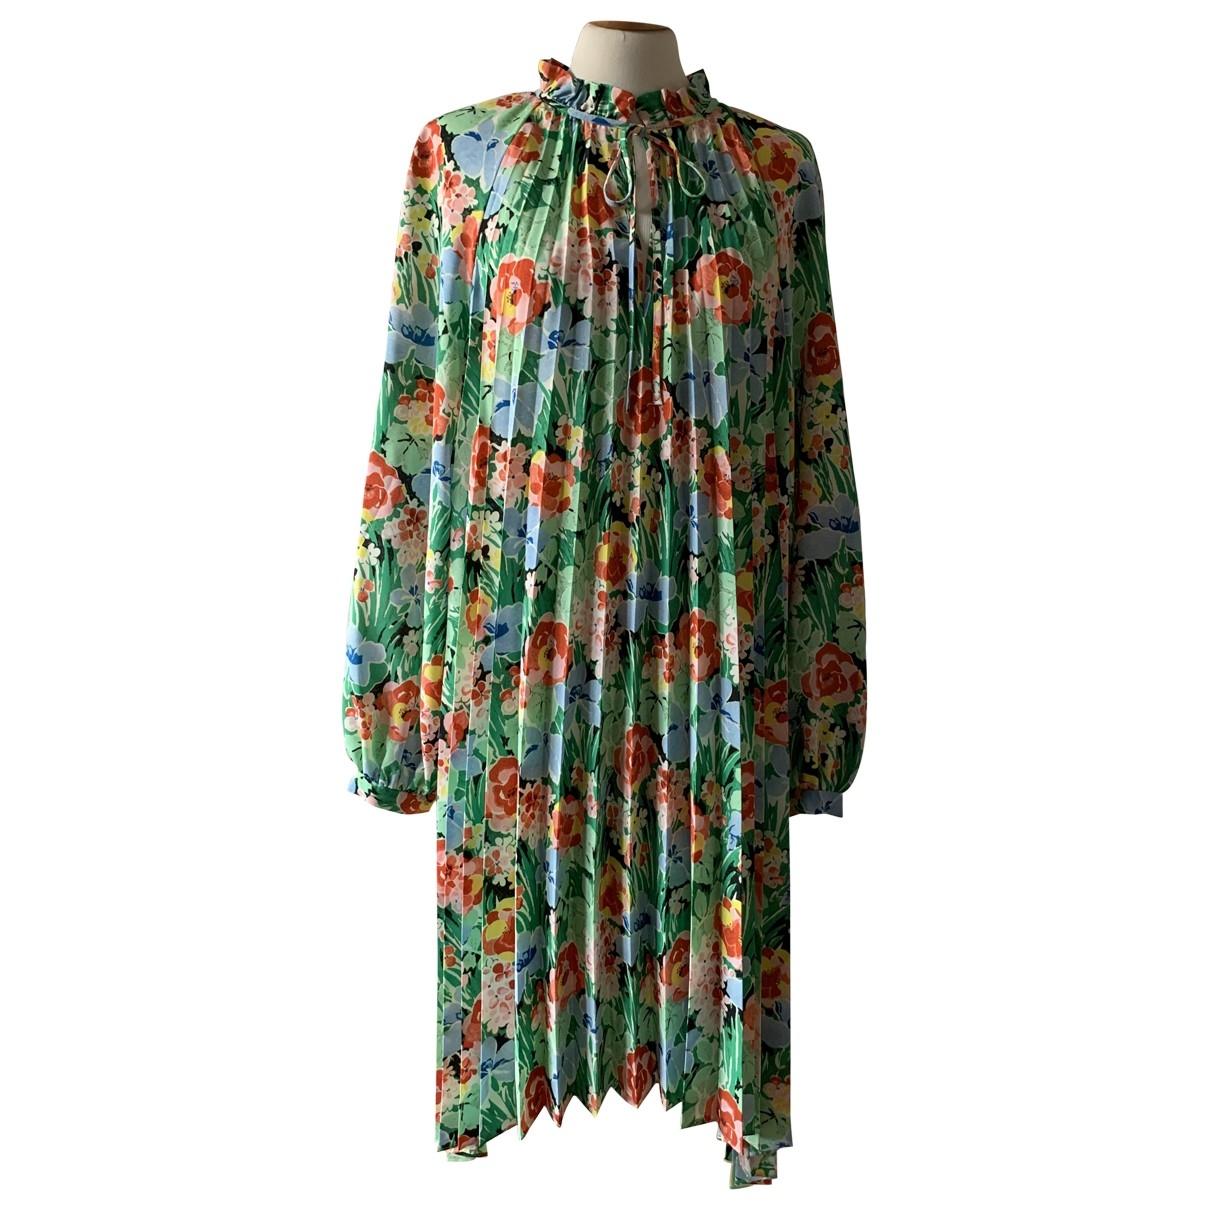 & Stories \N Multicolour dress for Women 44 FR